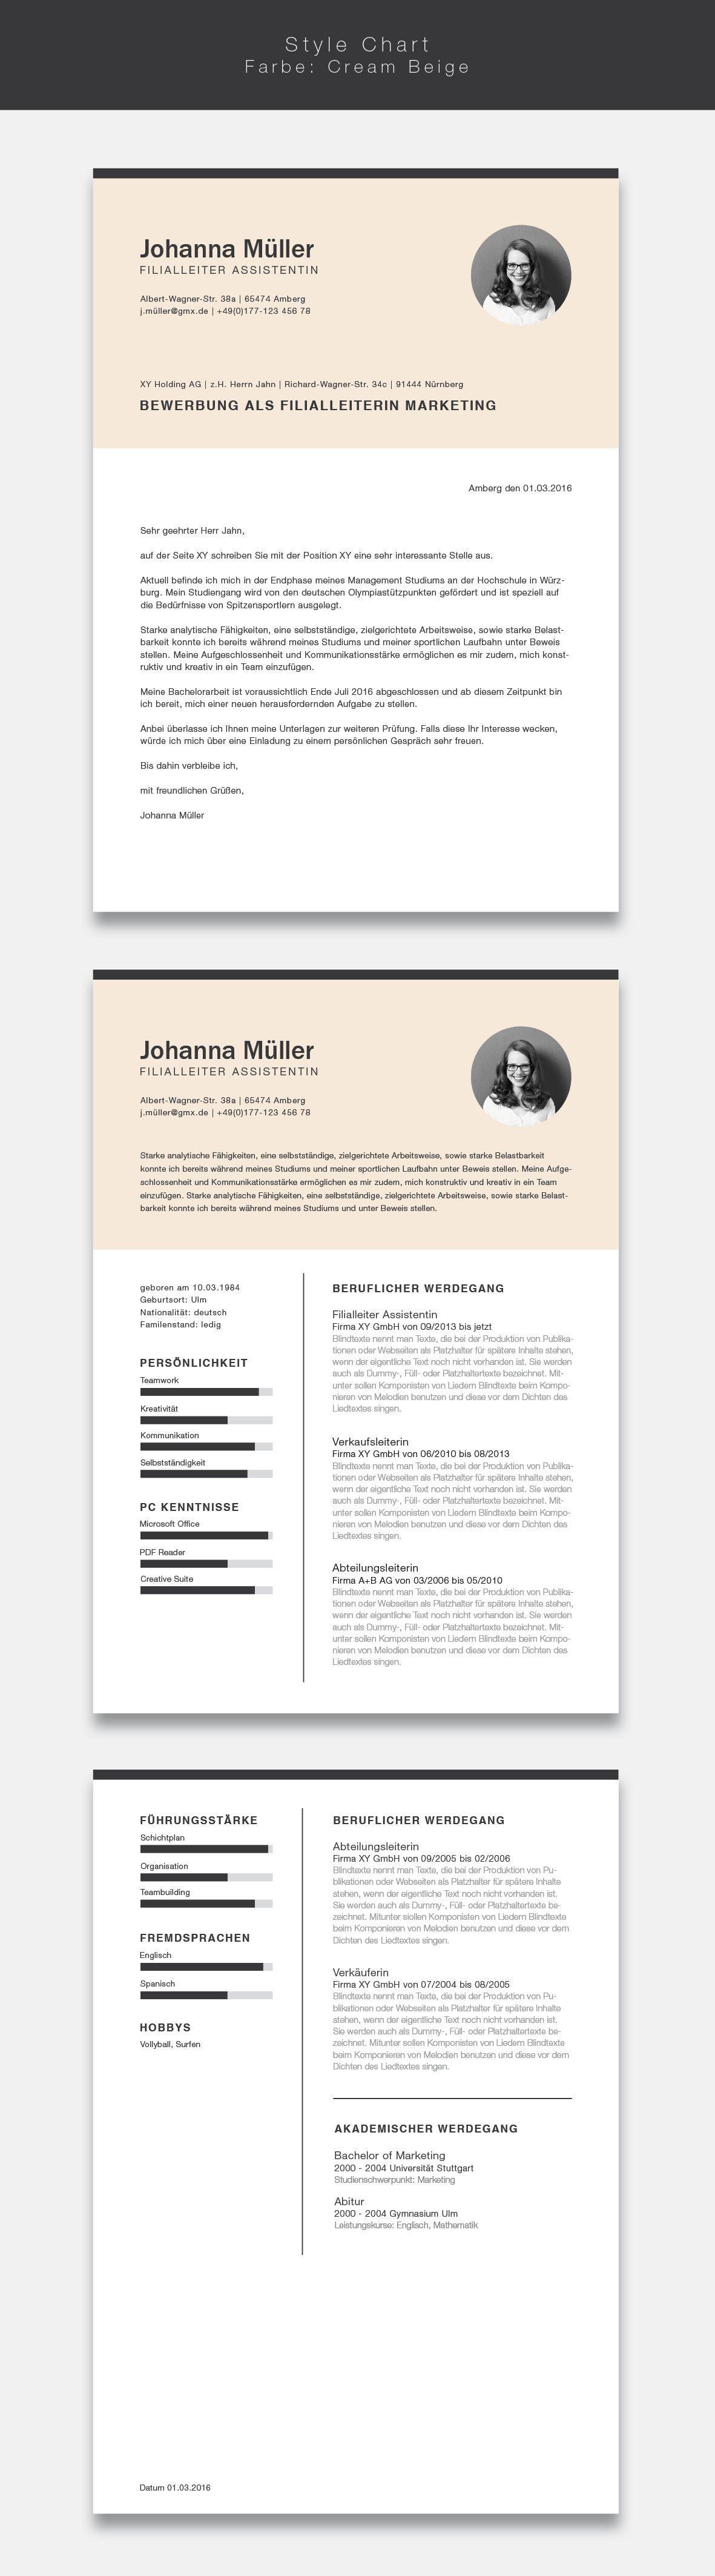 Unsere Bewerbungsvorlage Cvtemplate Erforsche Pinterest Cvtemplate Stil In Der Farbe Cream Hellip Cv Template Cv Design Resume Design